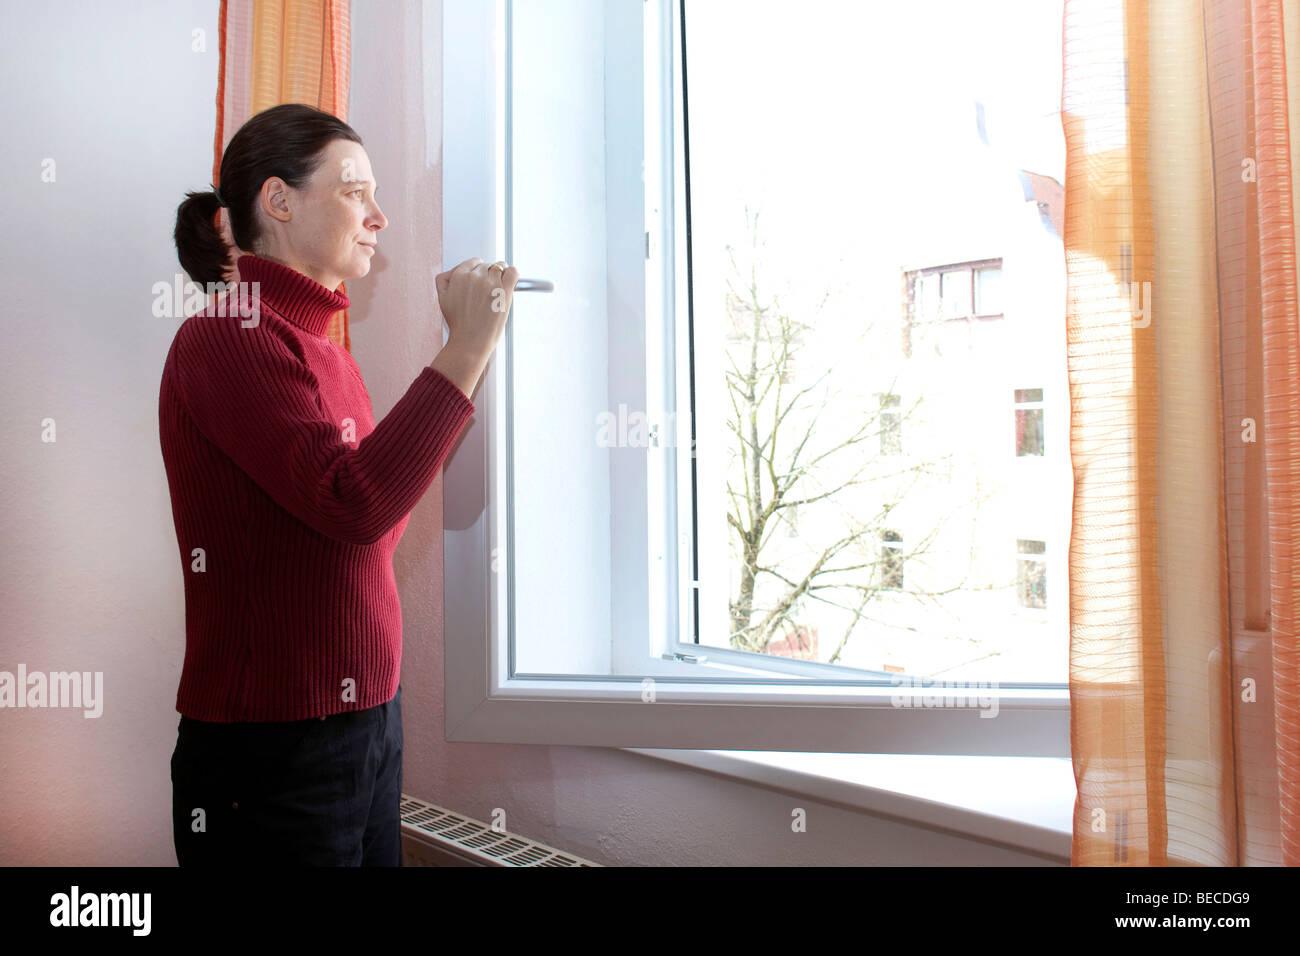 Une jeune femme diffusant son appartement Photo Stock